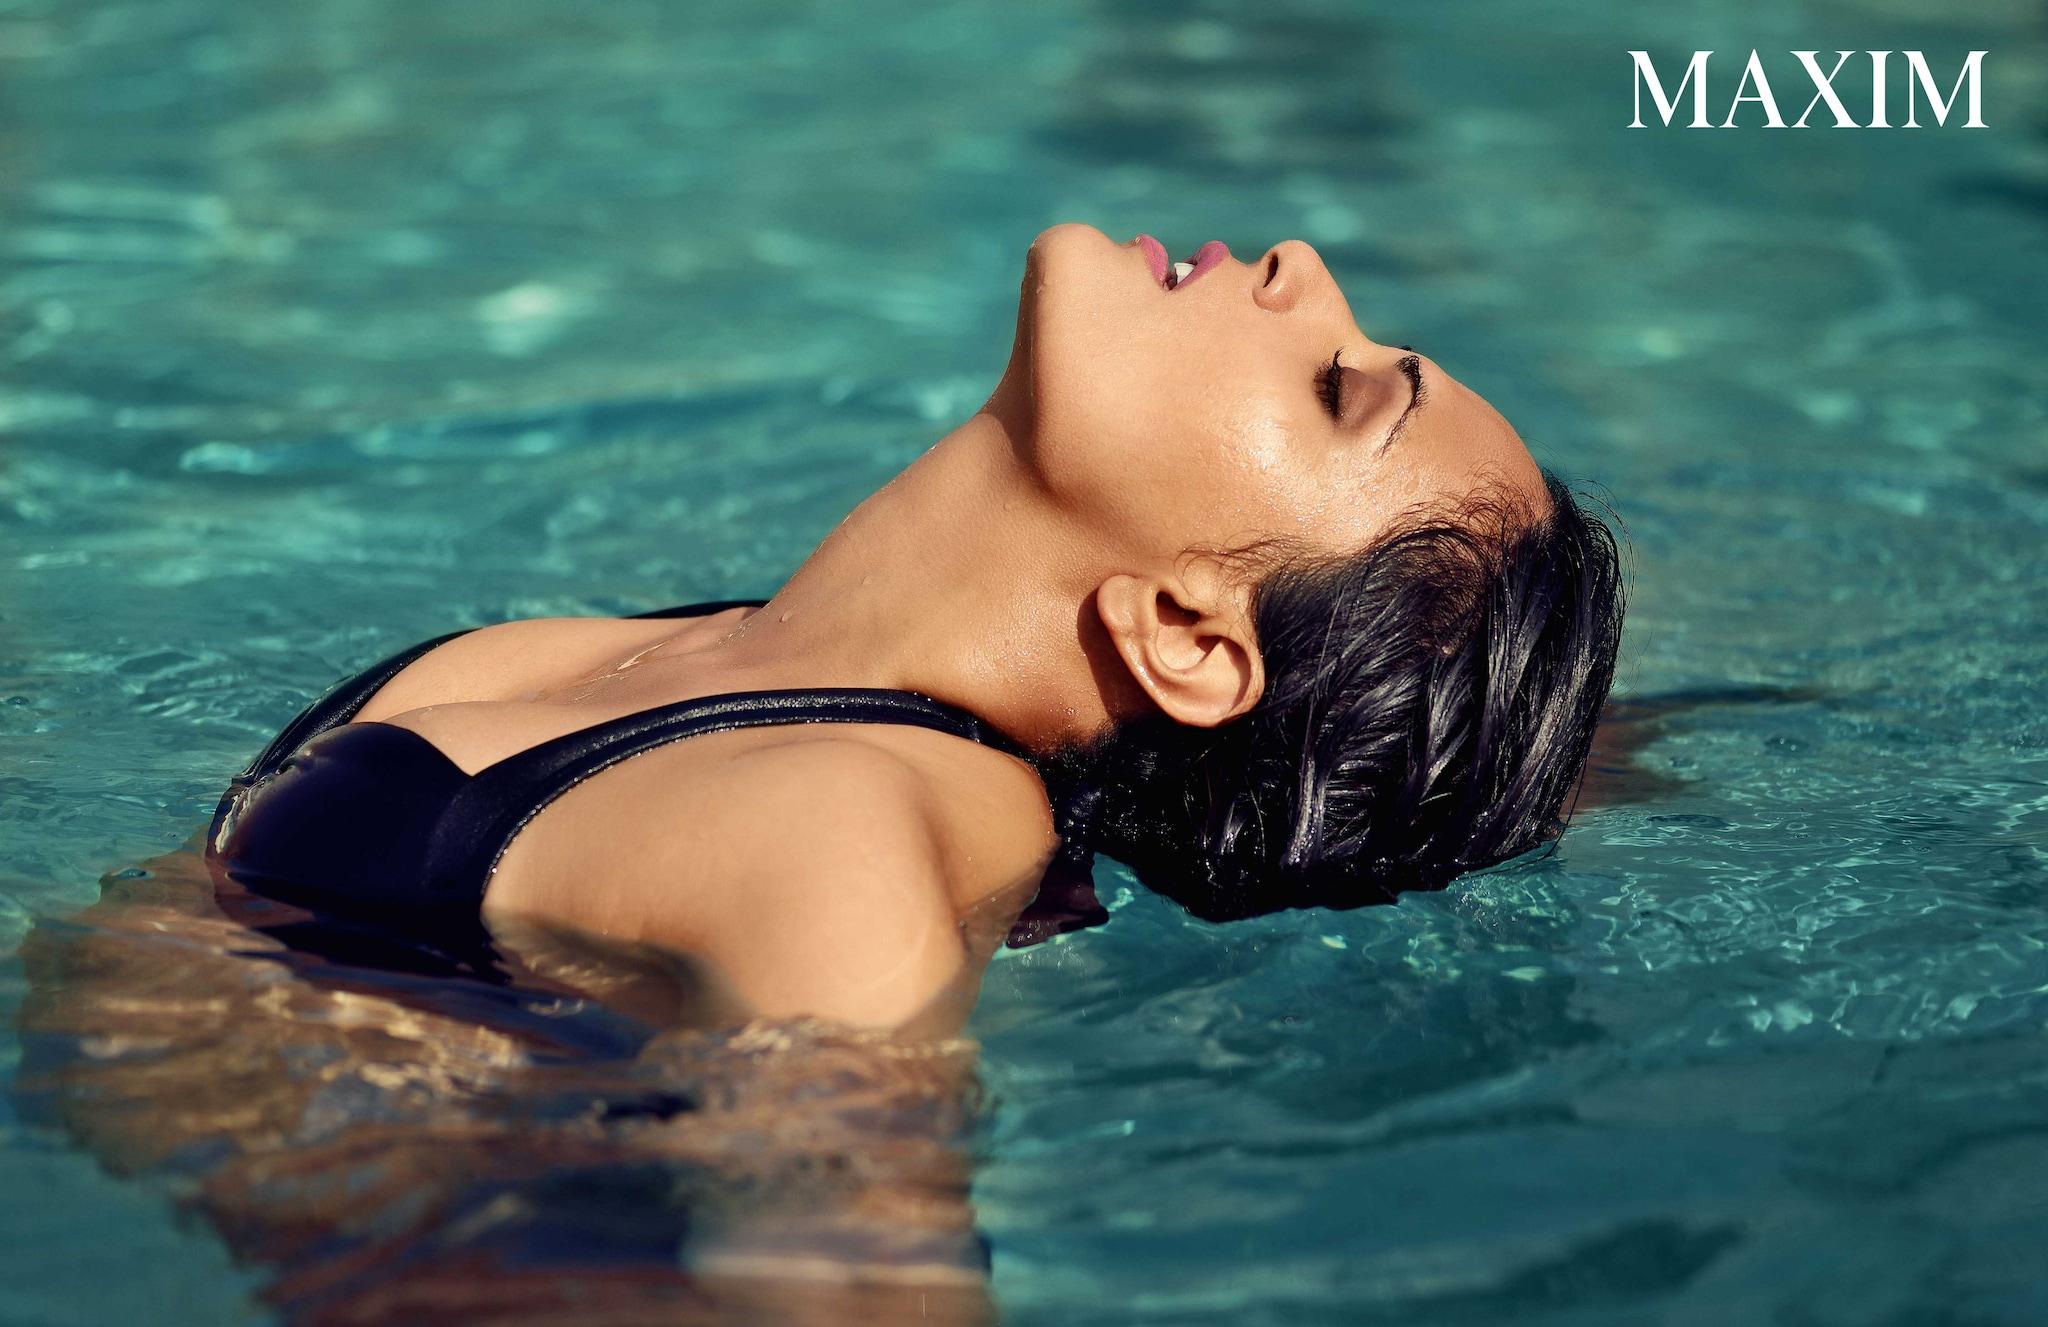 హాట్ బ్యూటీరిచా చడ్డ మ్యాగ్జిమ్ ఫోటోషూట్, Photo: Maxim Magazine